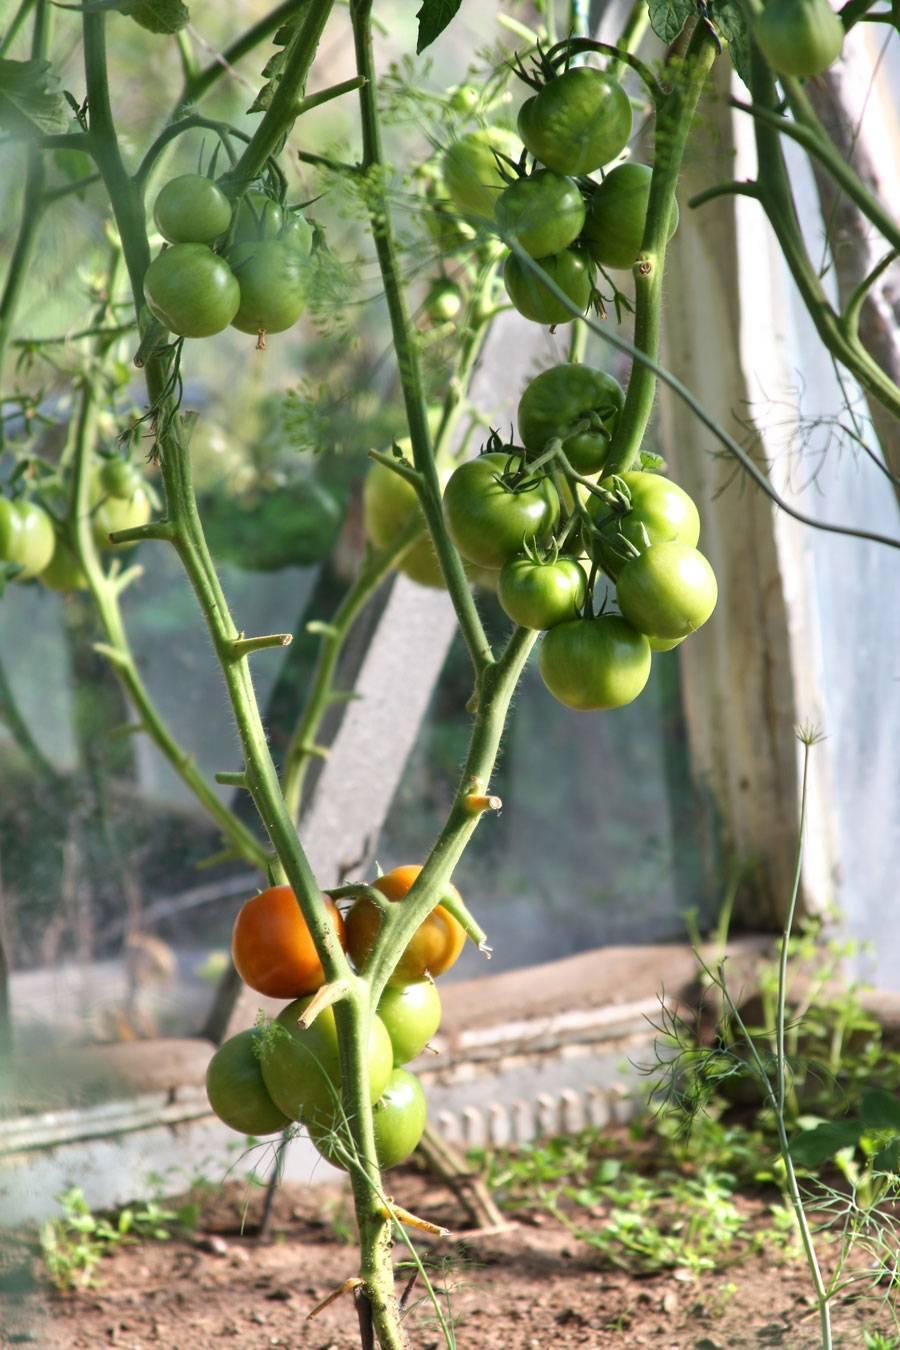 Как защитить помидоры от фитофторы в теплице, народные средства видео